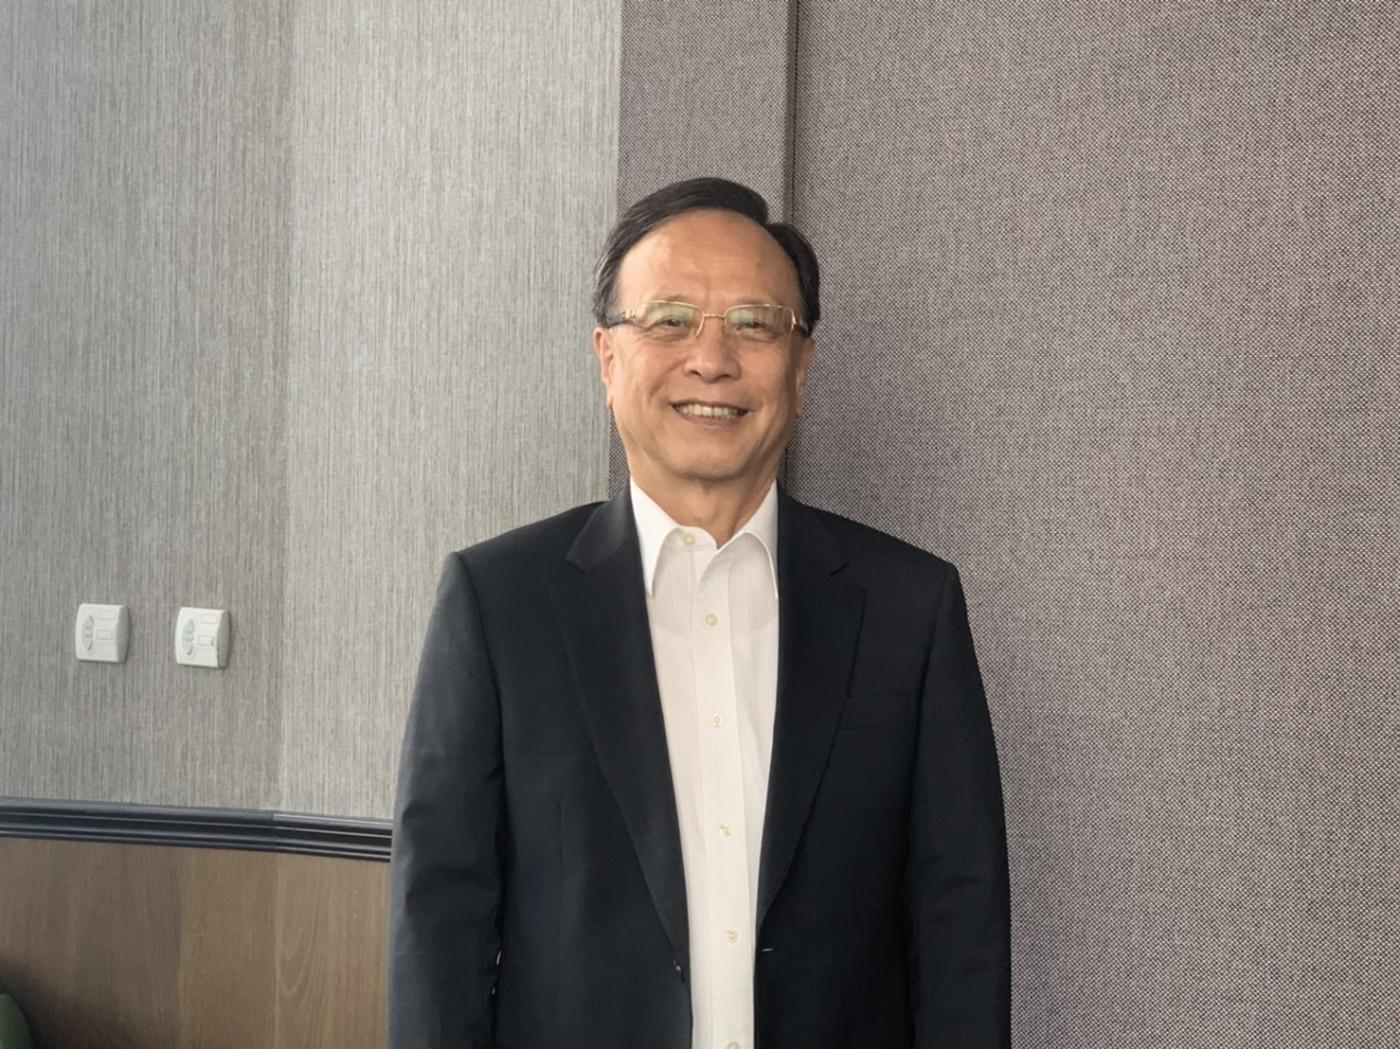 光寶瘦身、以閎暉結盟華新科,陳廣中:2021年將重啟併購